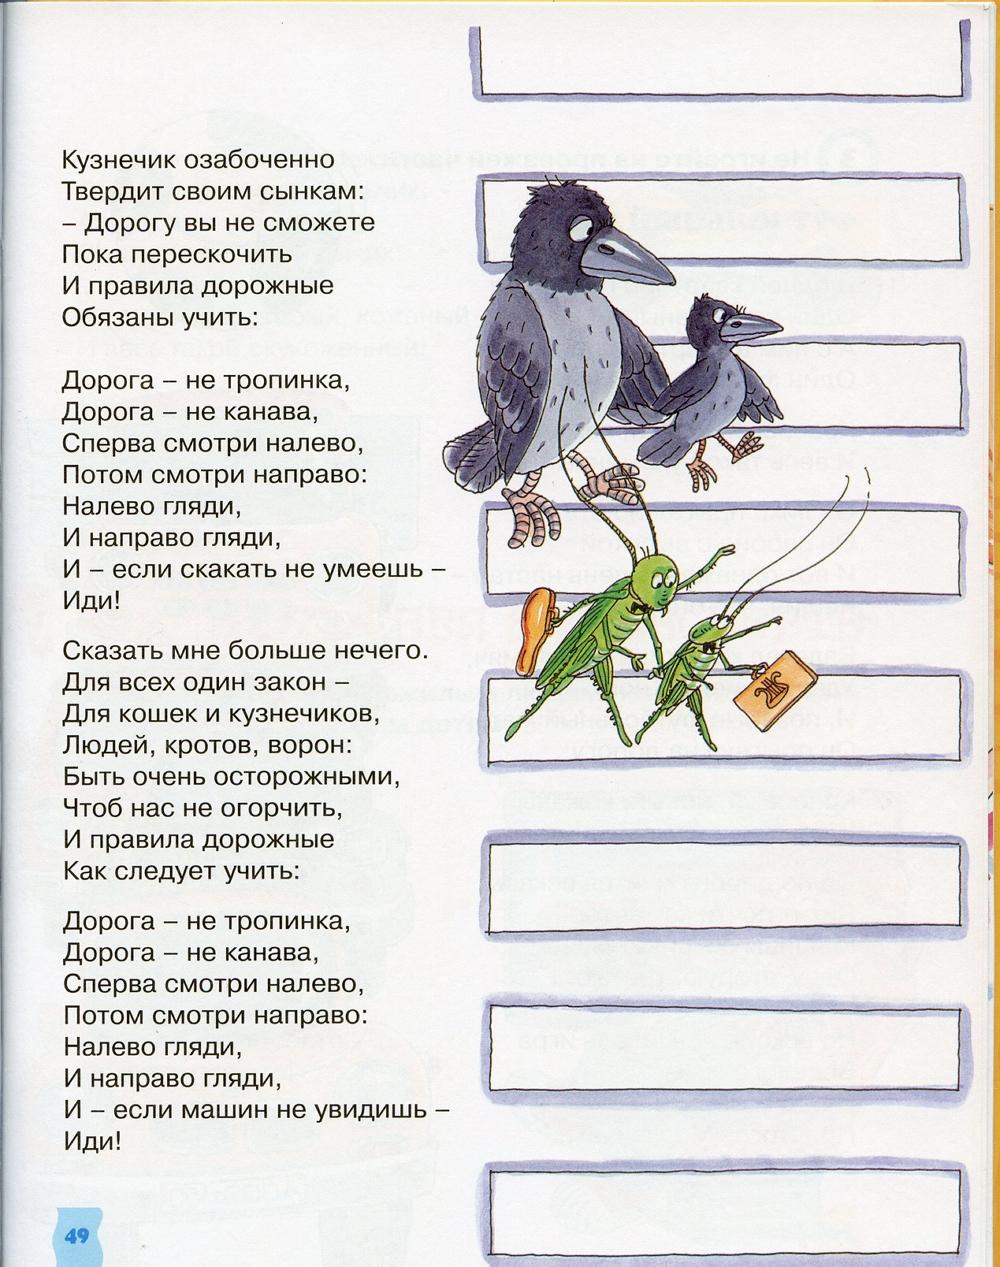 http://i6.imageban.ru/out/2013/08/29/72dddaac01ac00c803e25ea26428f9c5.jpg